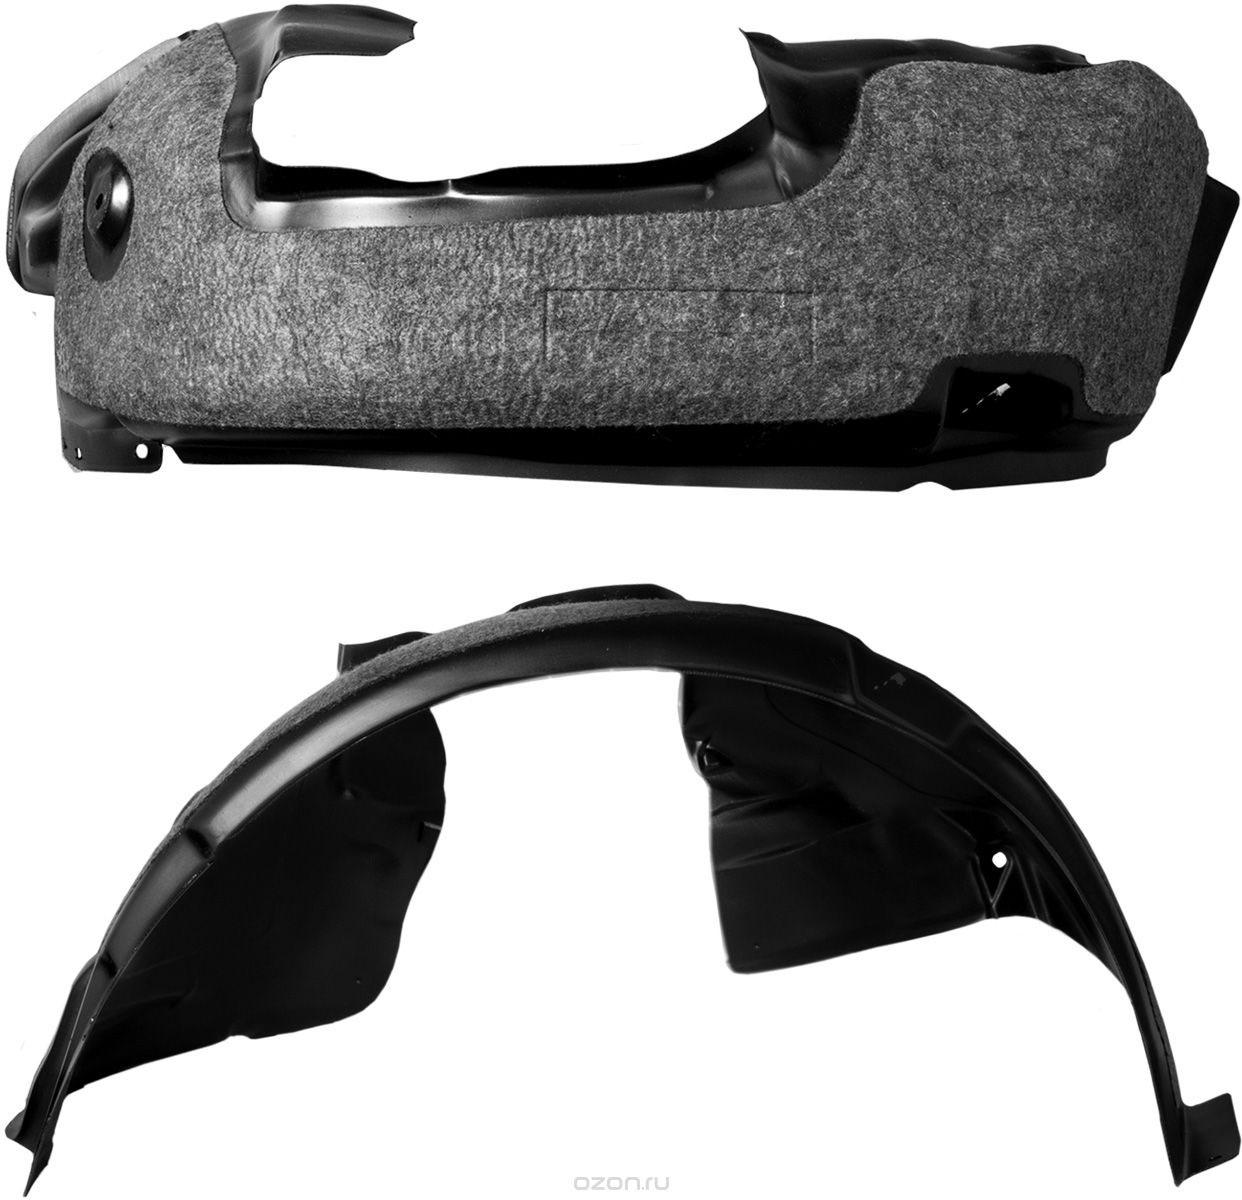 Подкрылок Novline-Autofamily, с шумоизоляцией, для SUZUKI Vitara, 03/2015->, задний правый000414Идеальная защита колесной ниши. Локеры разработаны с применением цифровых технологий, гарантируют максимальную повторяемость поверхности арки. Изделия устанавливаются без нарушения лакокрасочного покрытия автомобиля, каждый подкрылок комплектуется крепежом. Уважаемые клиенты, обращаем ваше внимание, что фотографии на подкрылки универсальные и не отражают реальную форму изделия. При этом само изделие идет точно под размер указанного автомобиля.